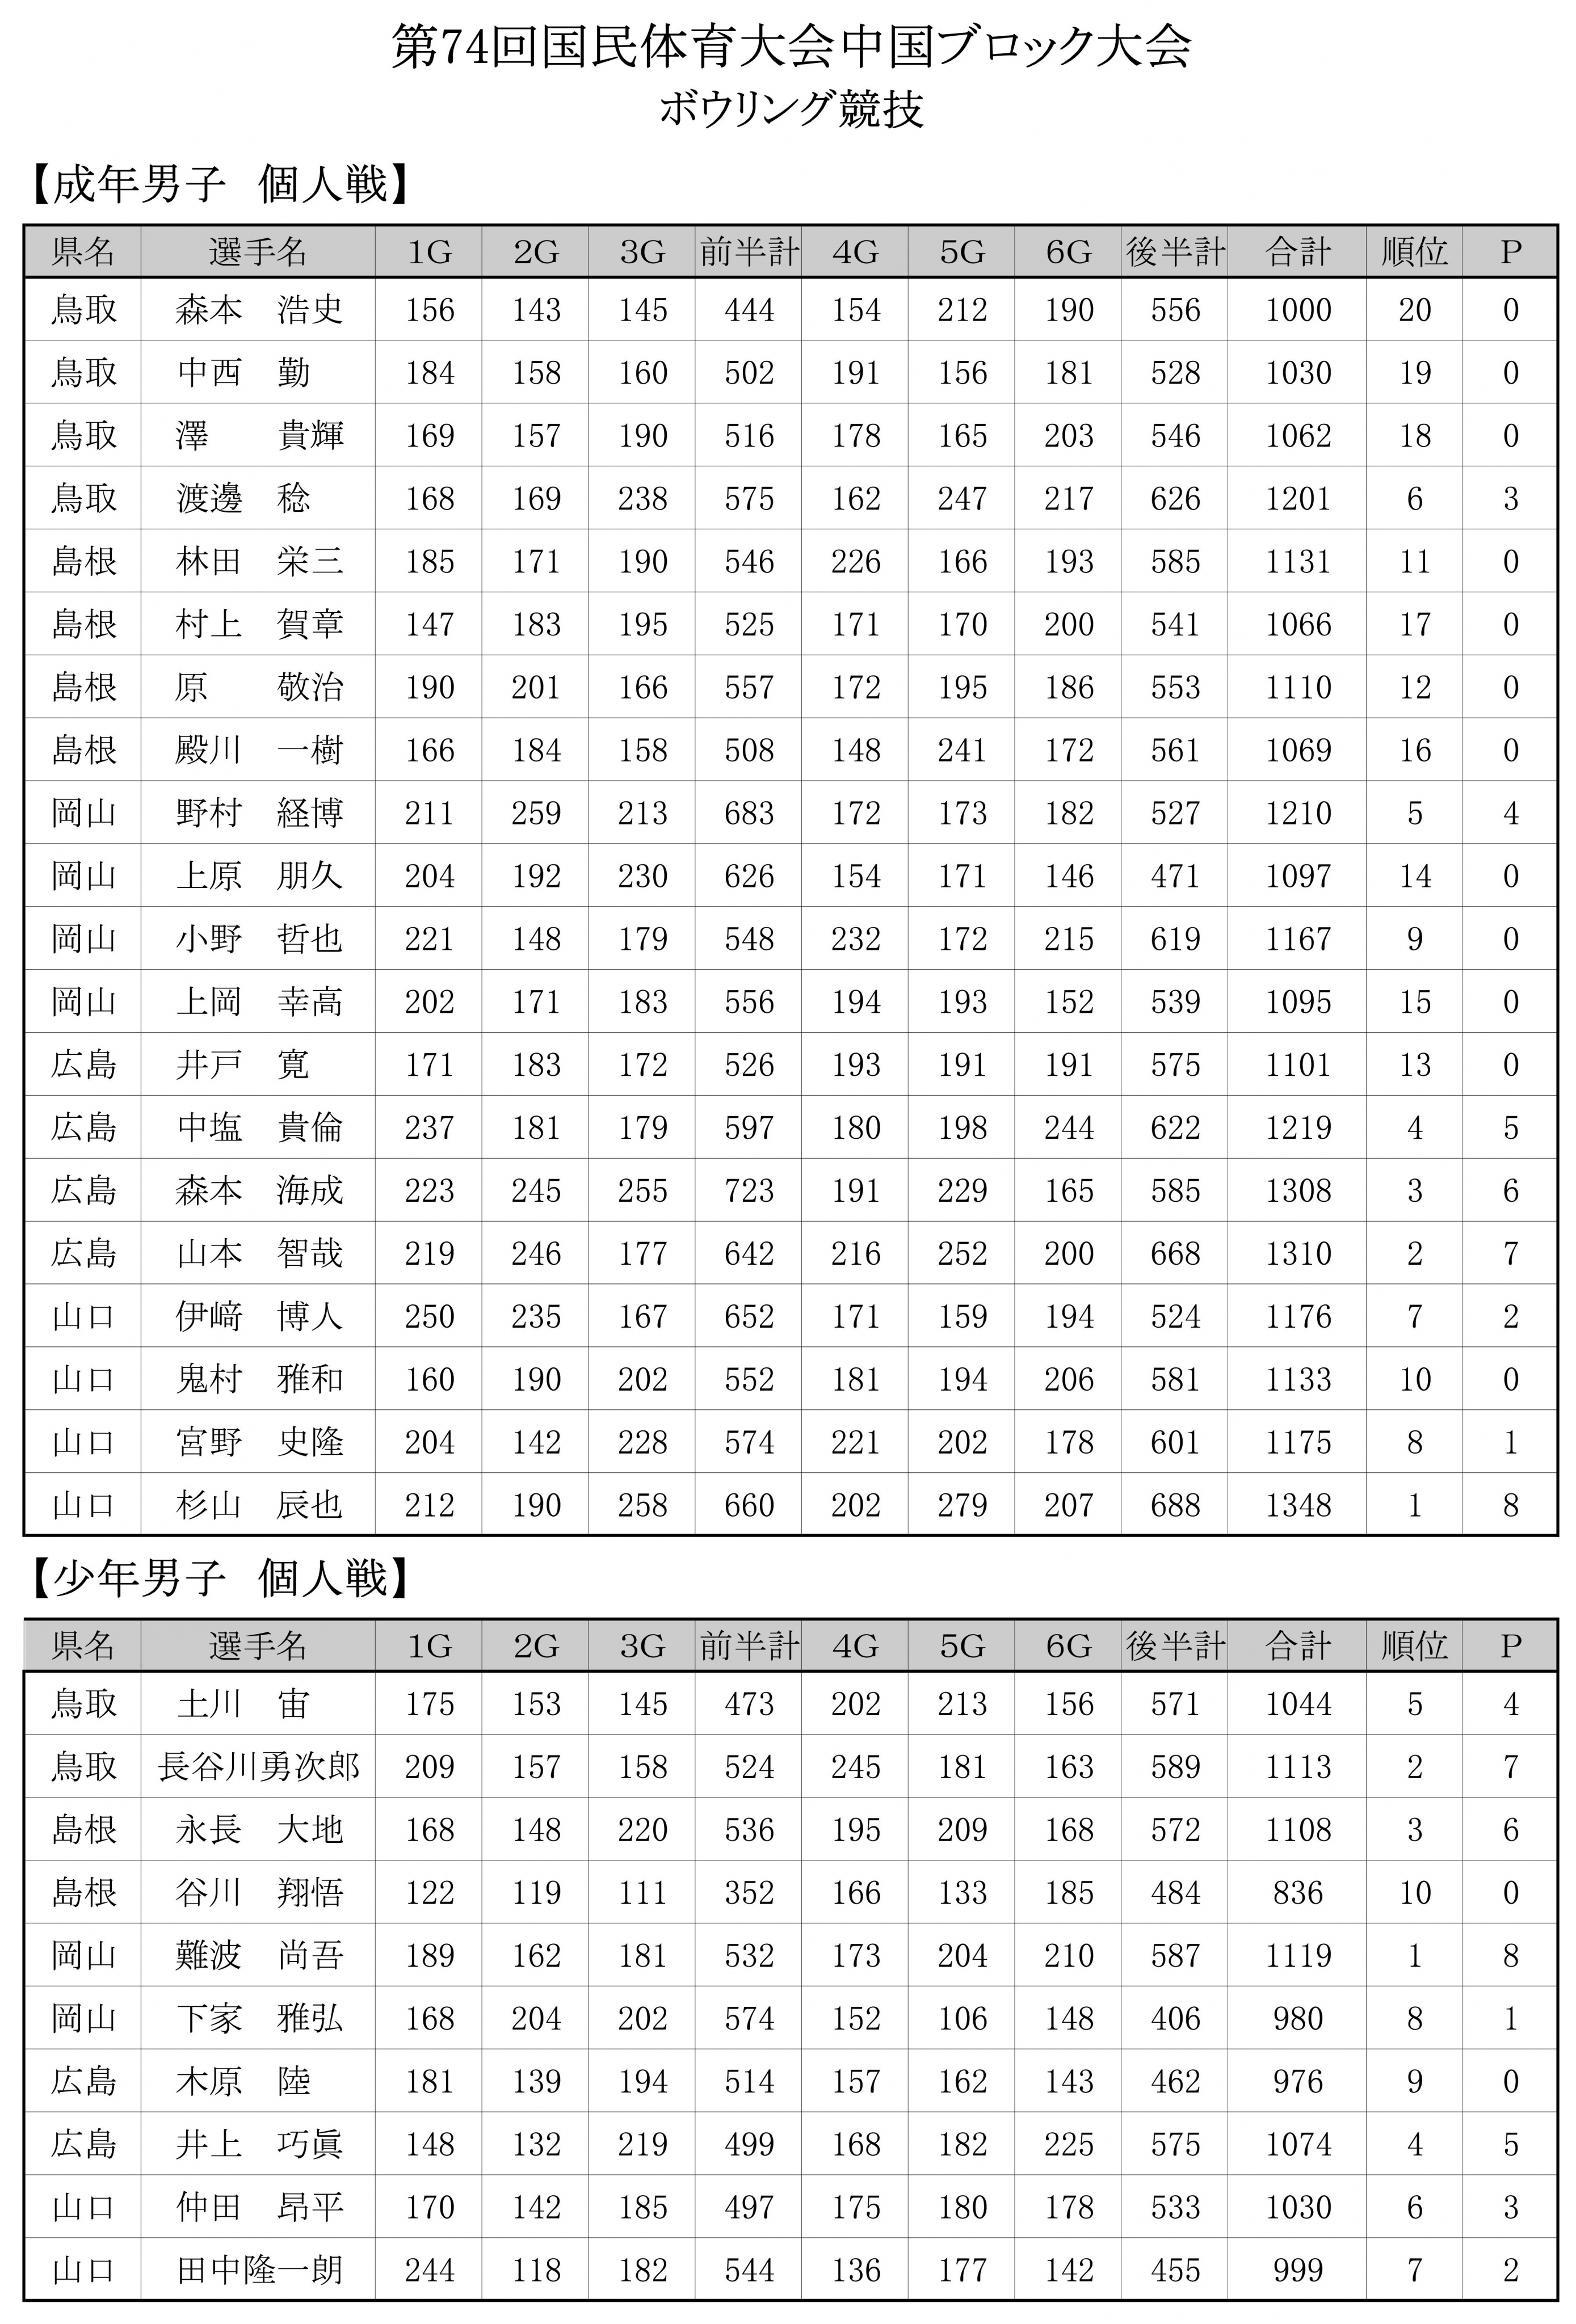 ボウリング最終成績  2.jpg